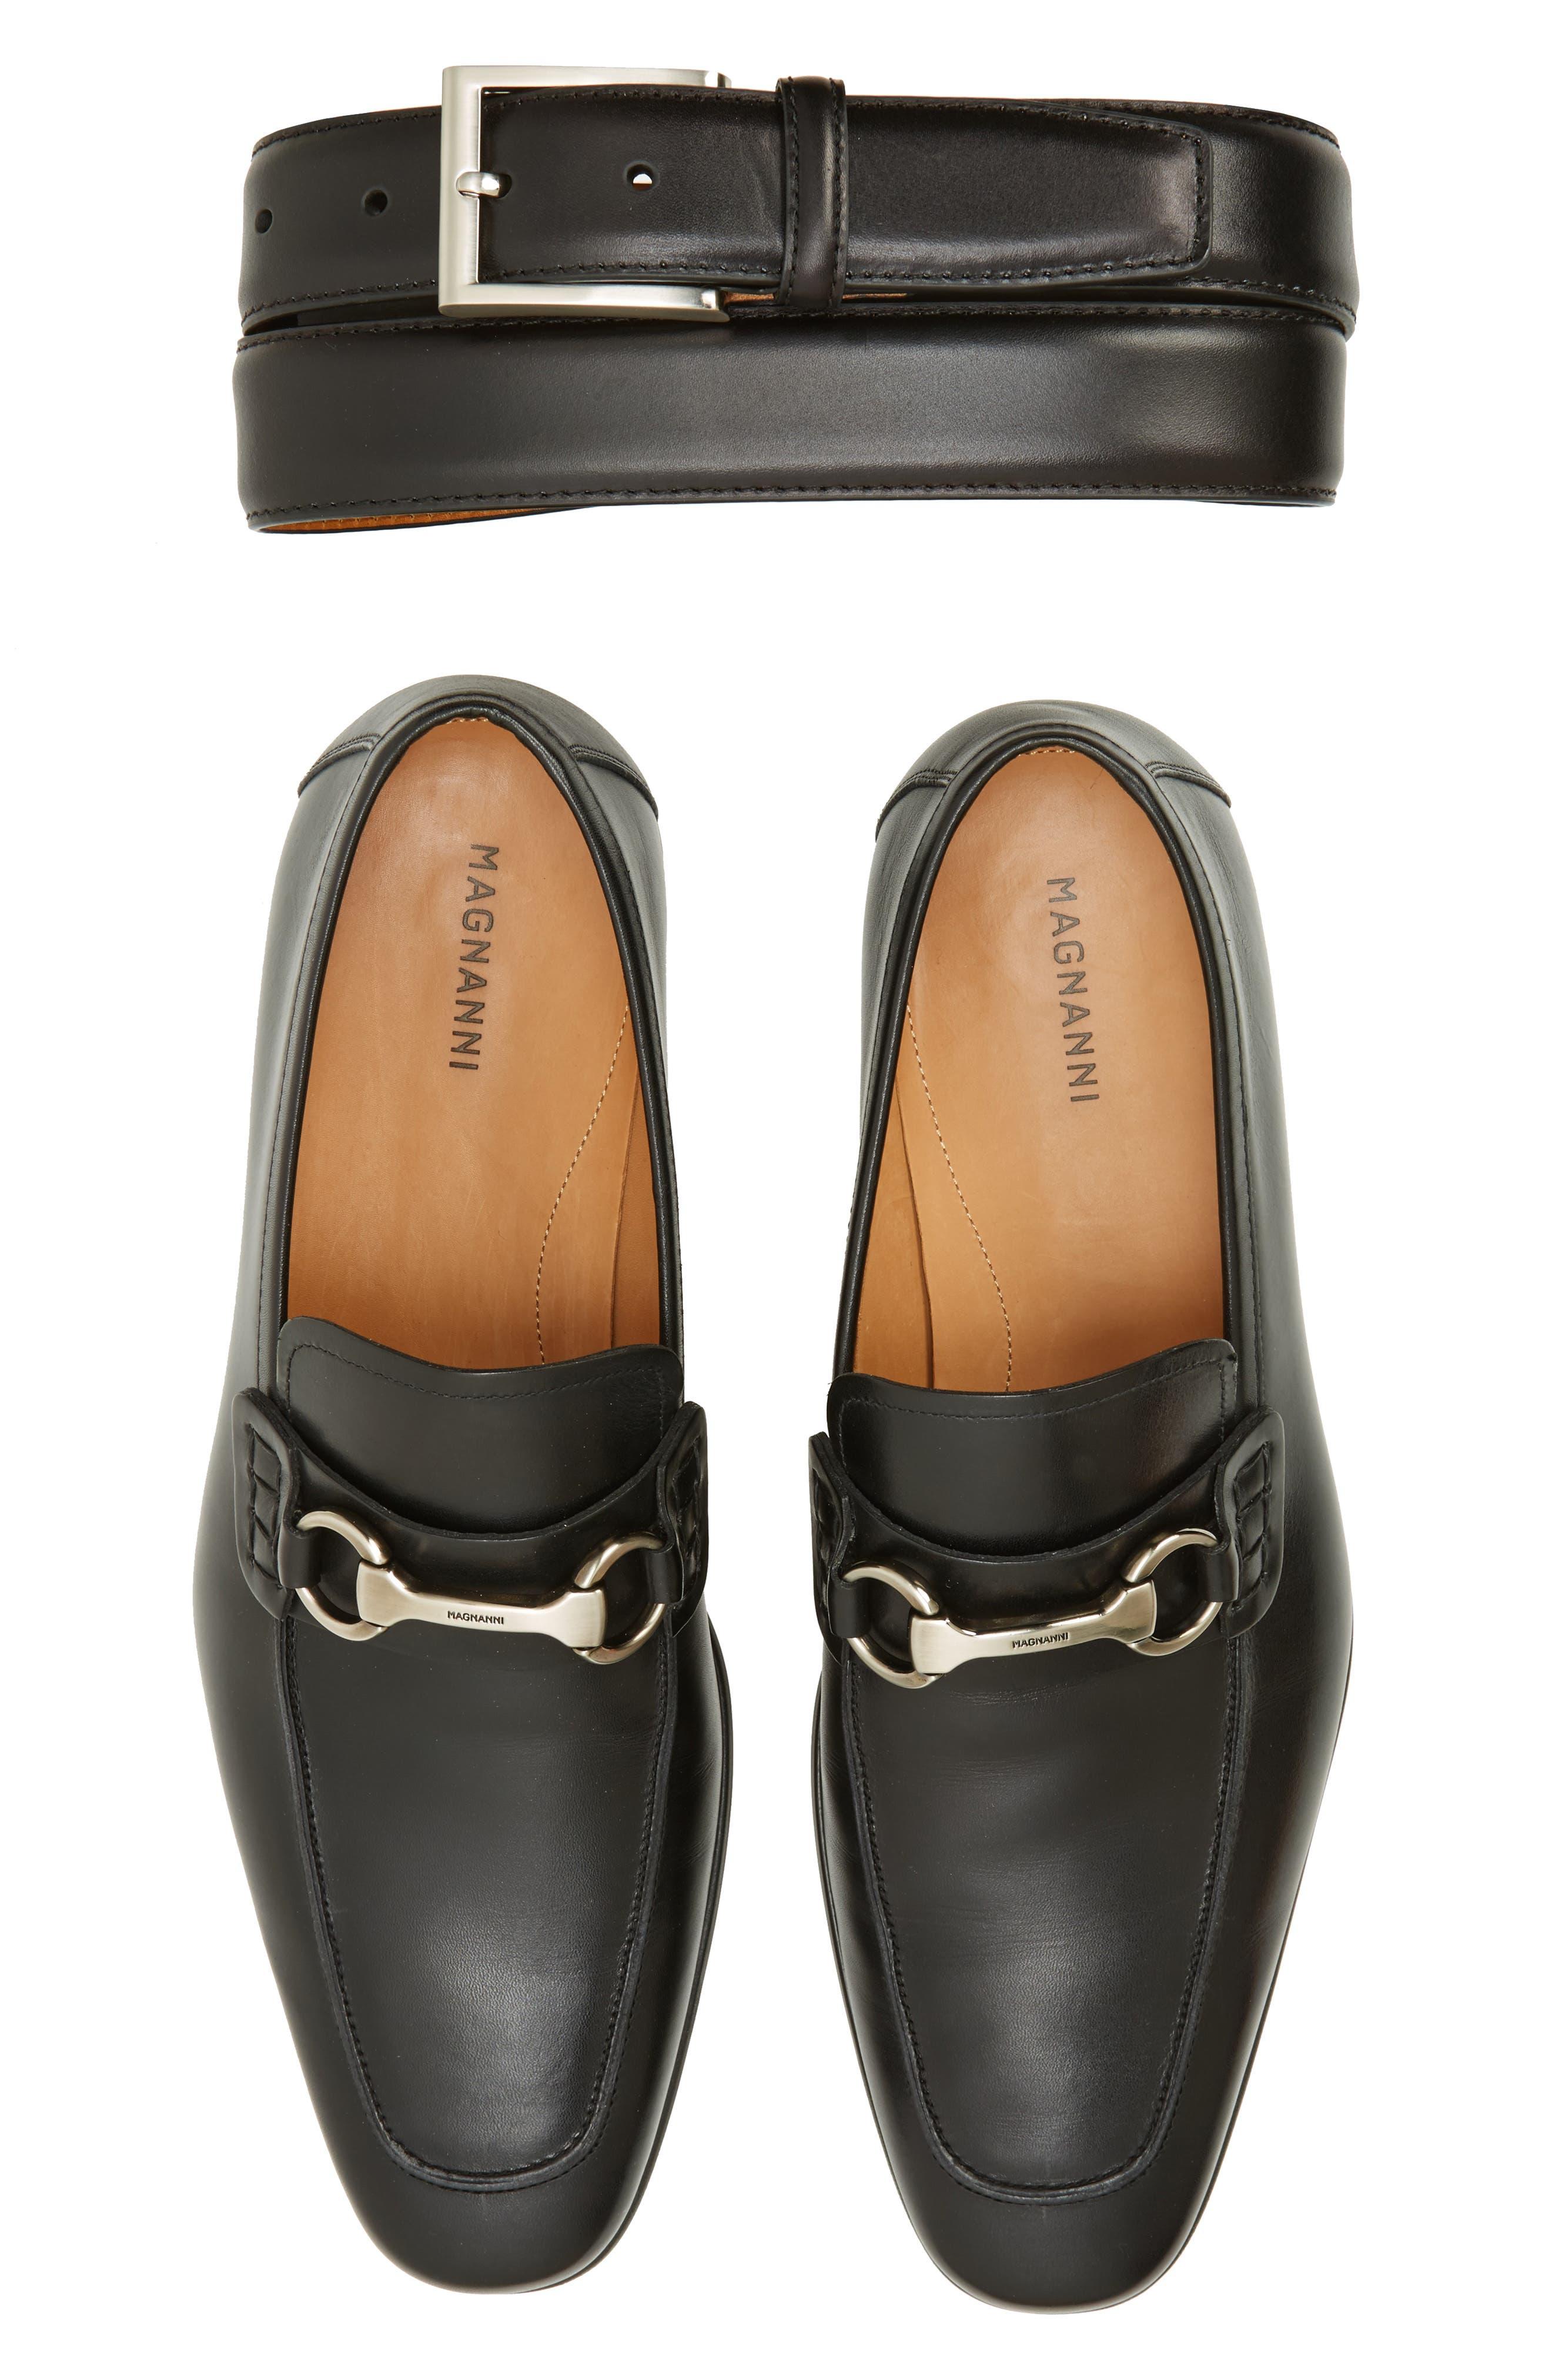 Magnanni Belt & Loafer